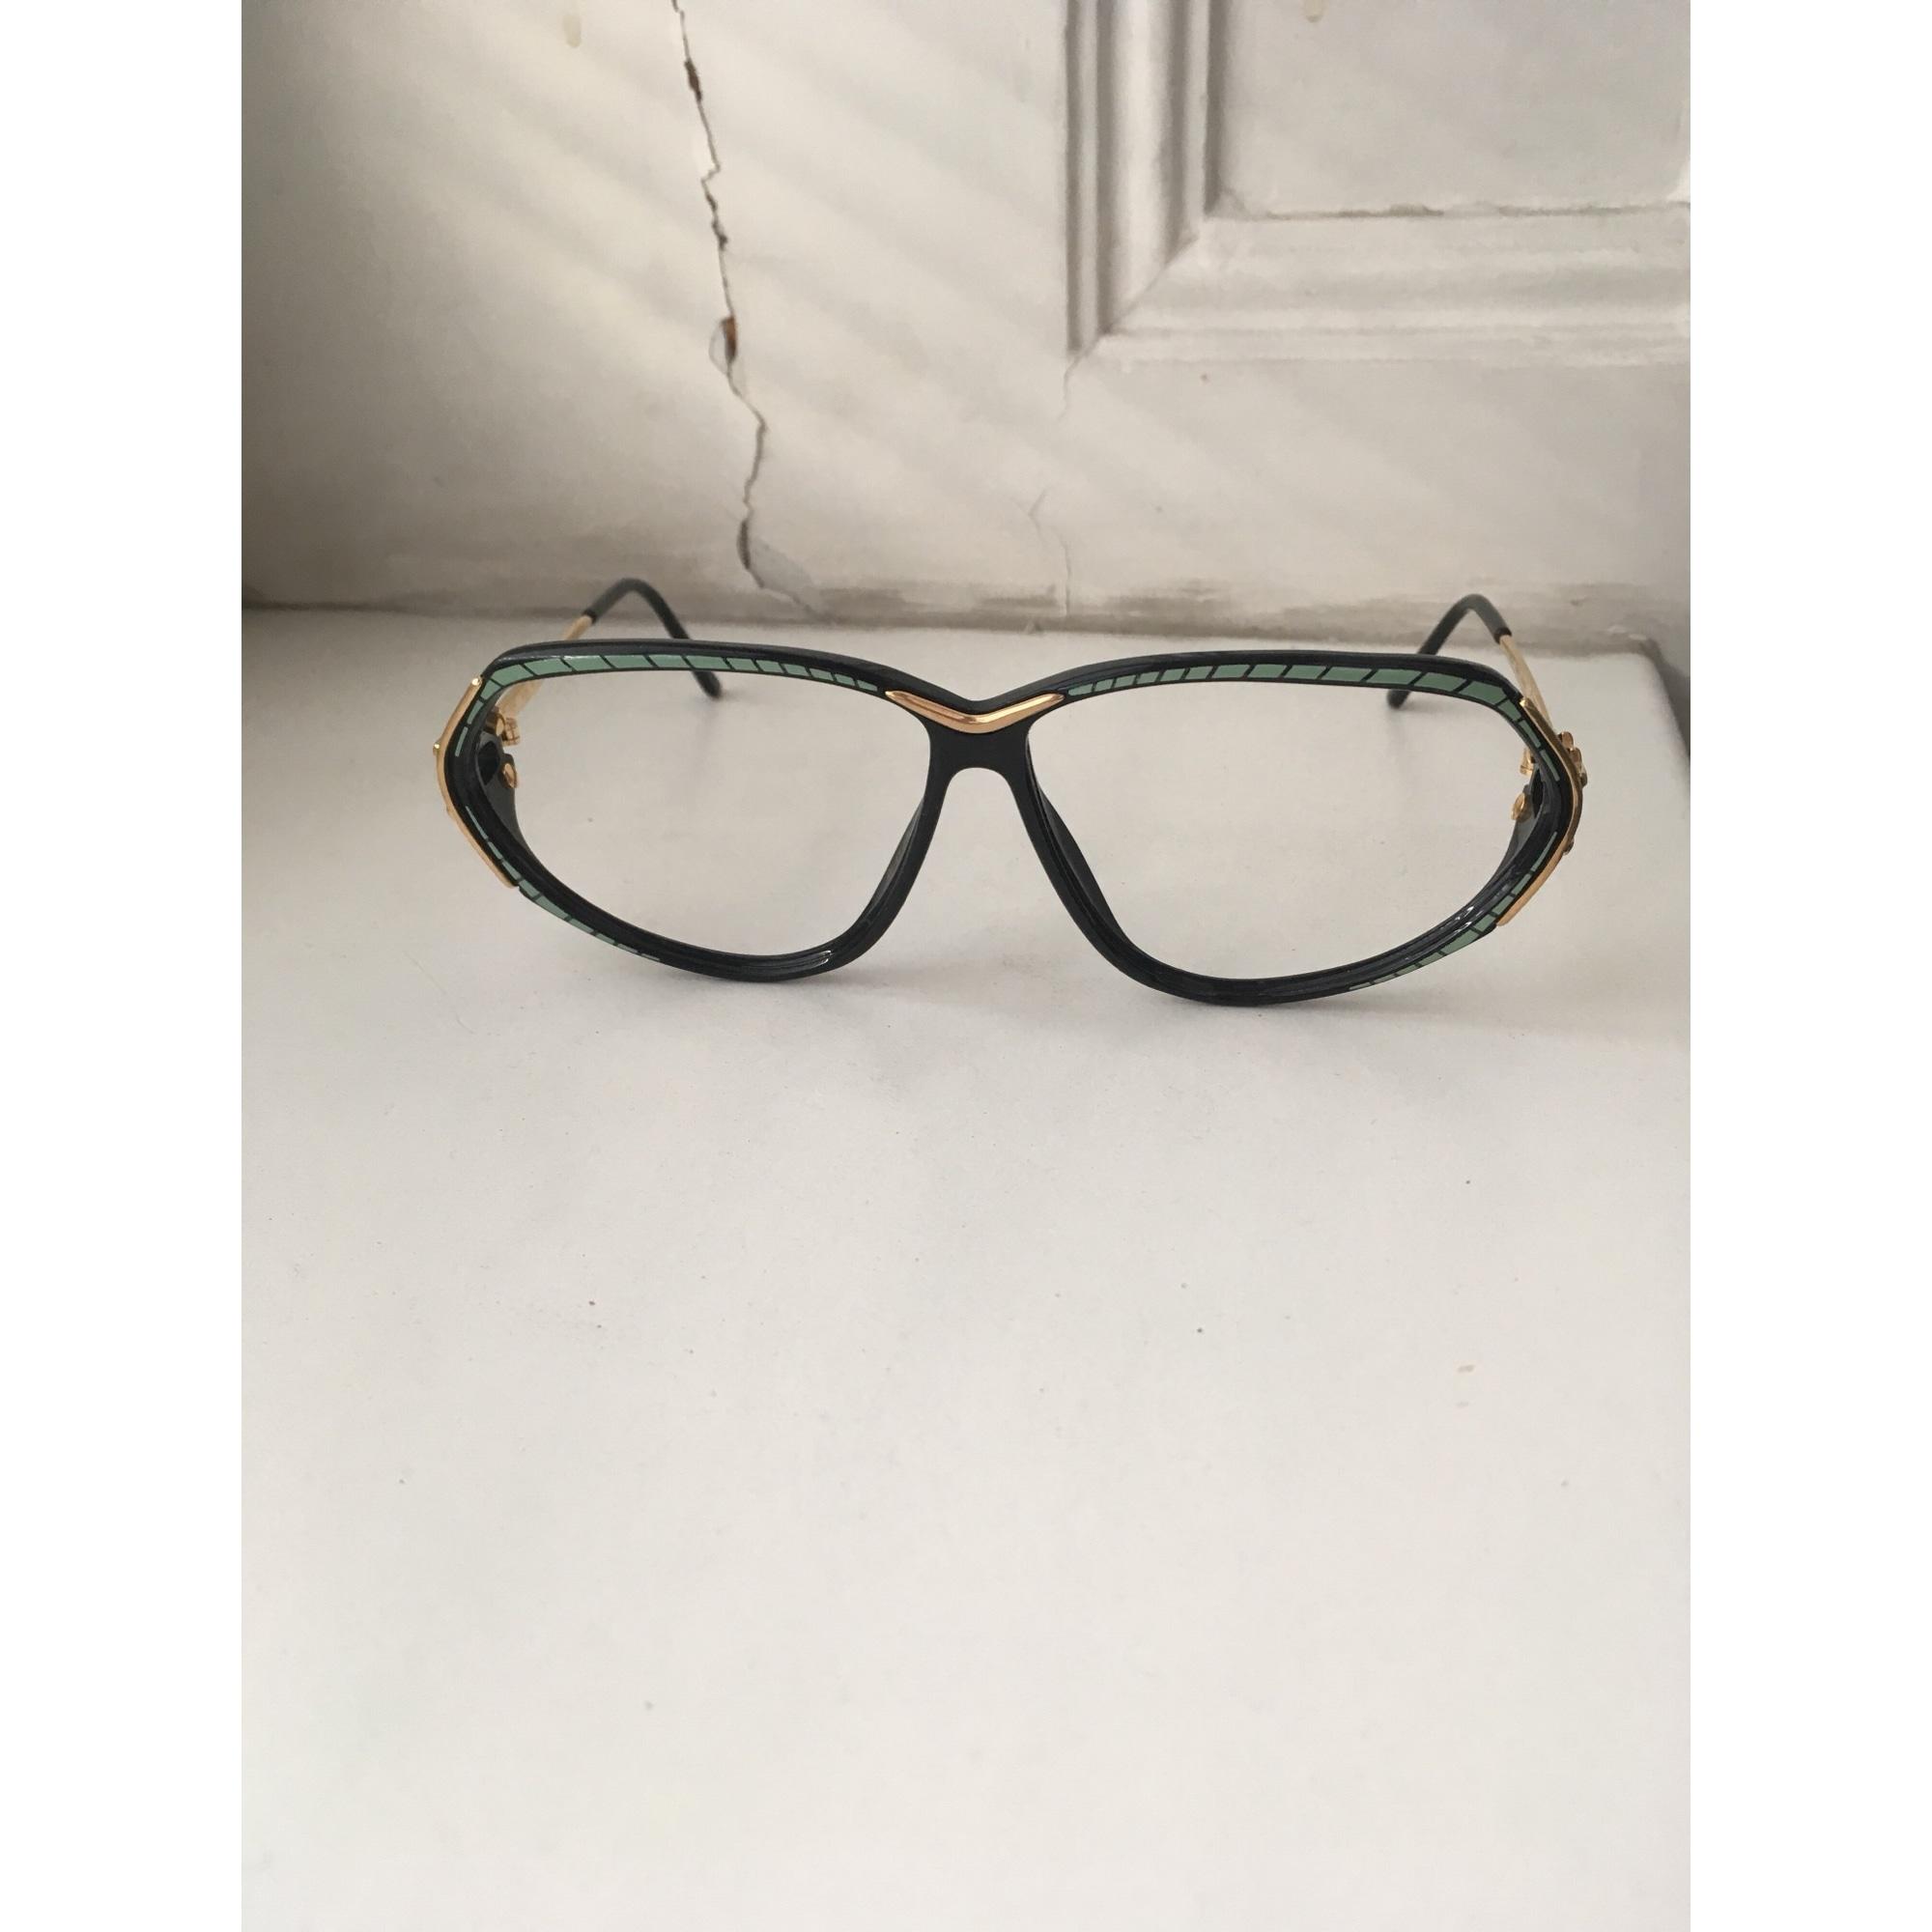 Monture de lunettes VINTAGE Bleu, bleu marine, bleu turquoise